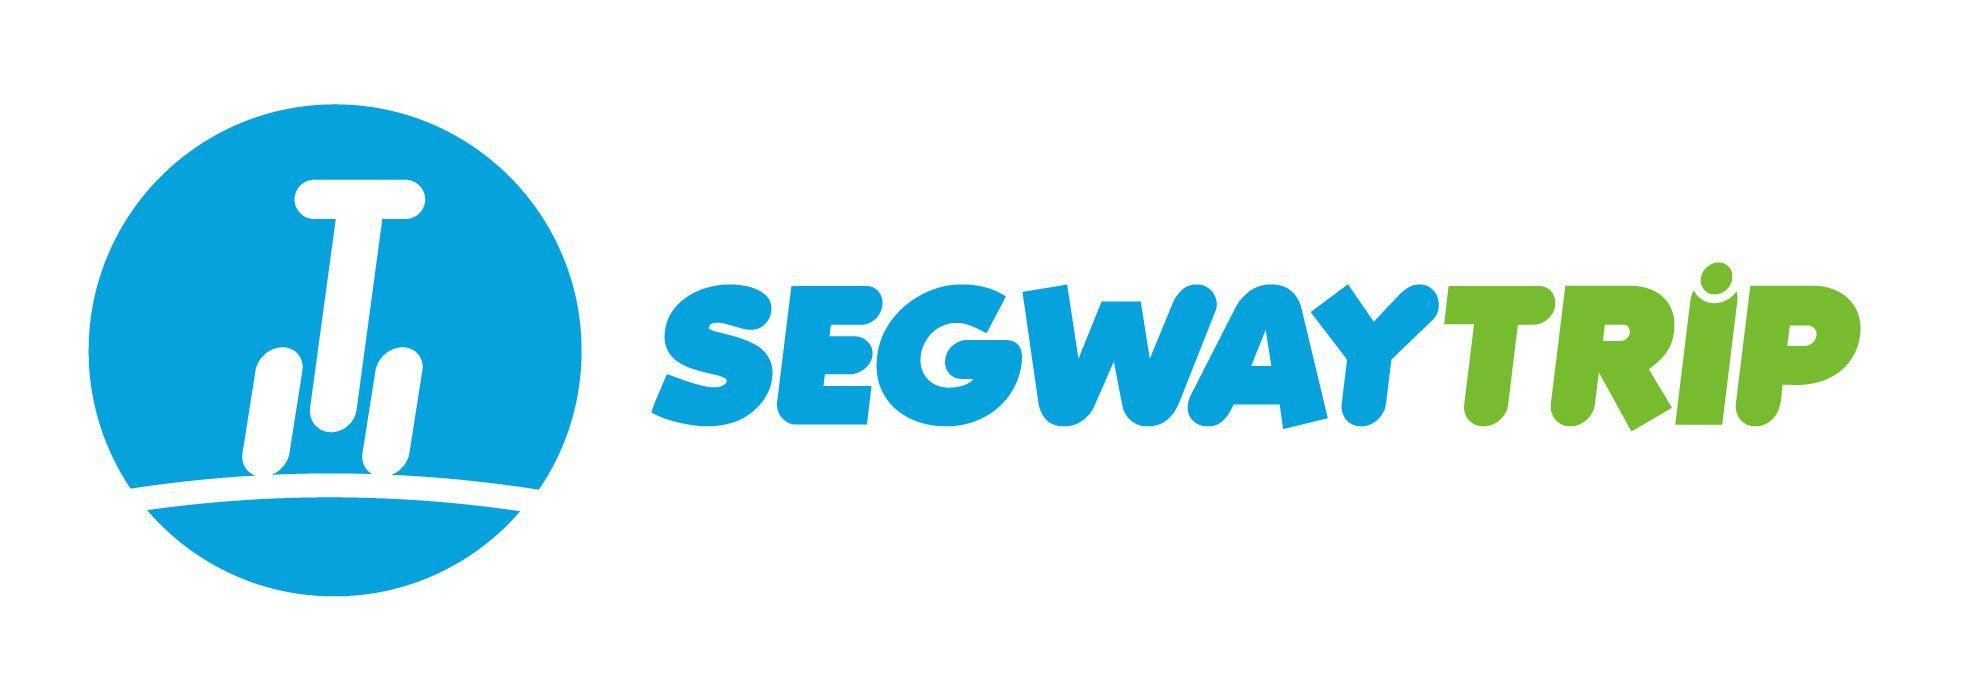 SegwayTrip-logo-horizontal